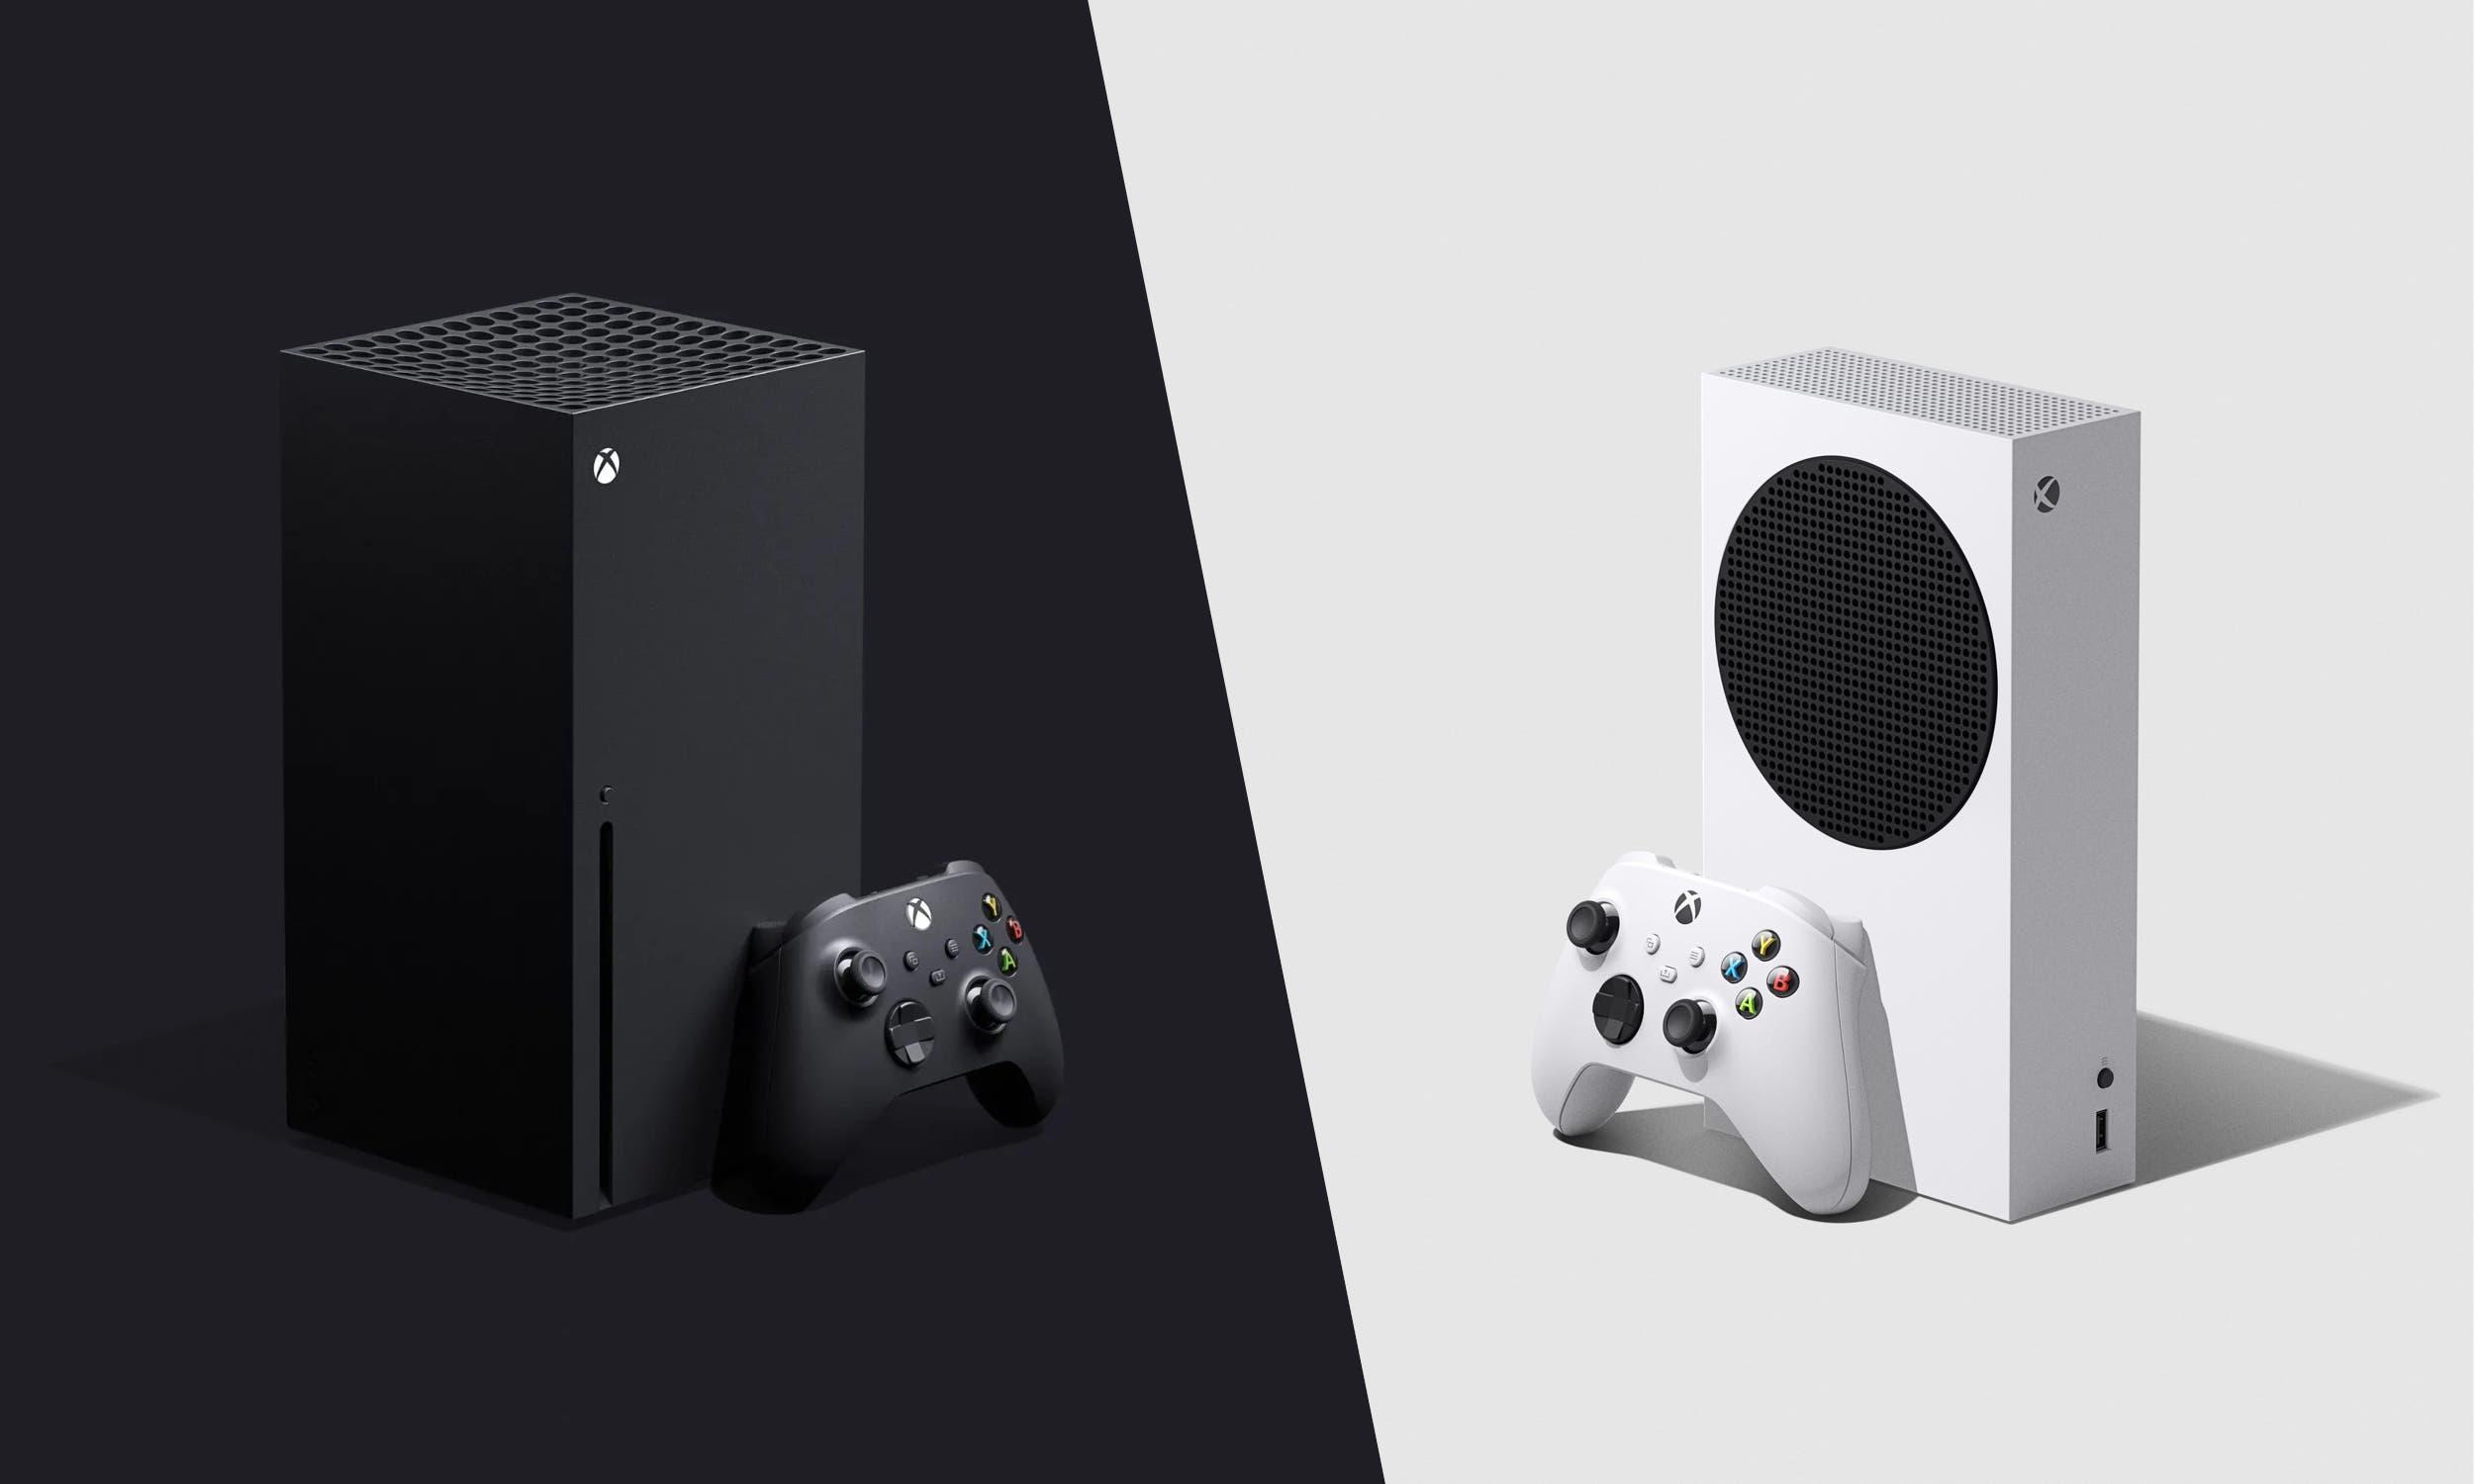 Revelan Precios Y Fecha De Lanzamiento En Chile De Las Xbox Series X Y S Tecnologia Biobiochile